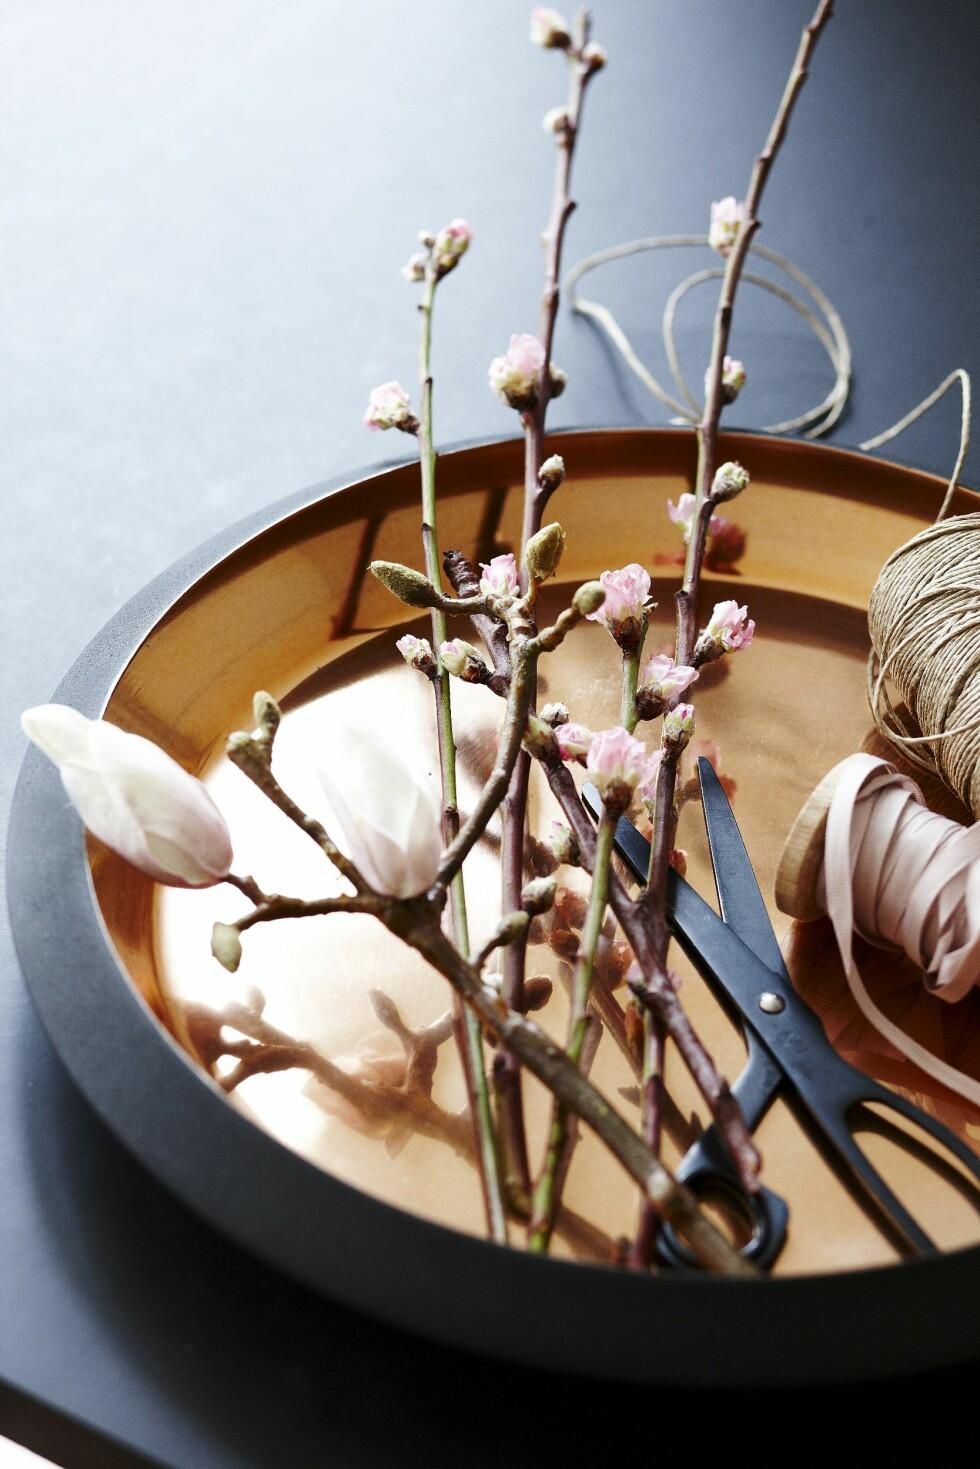 Å binde kvister sammen med et lekkert bånd er en super vertinnegave. Foto: Mette Wotkjær